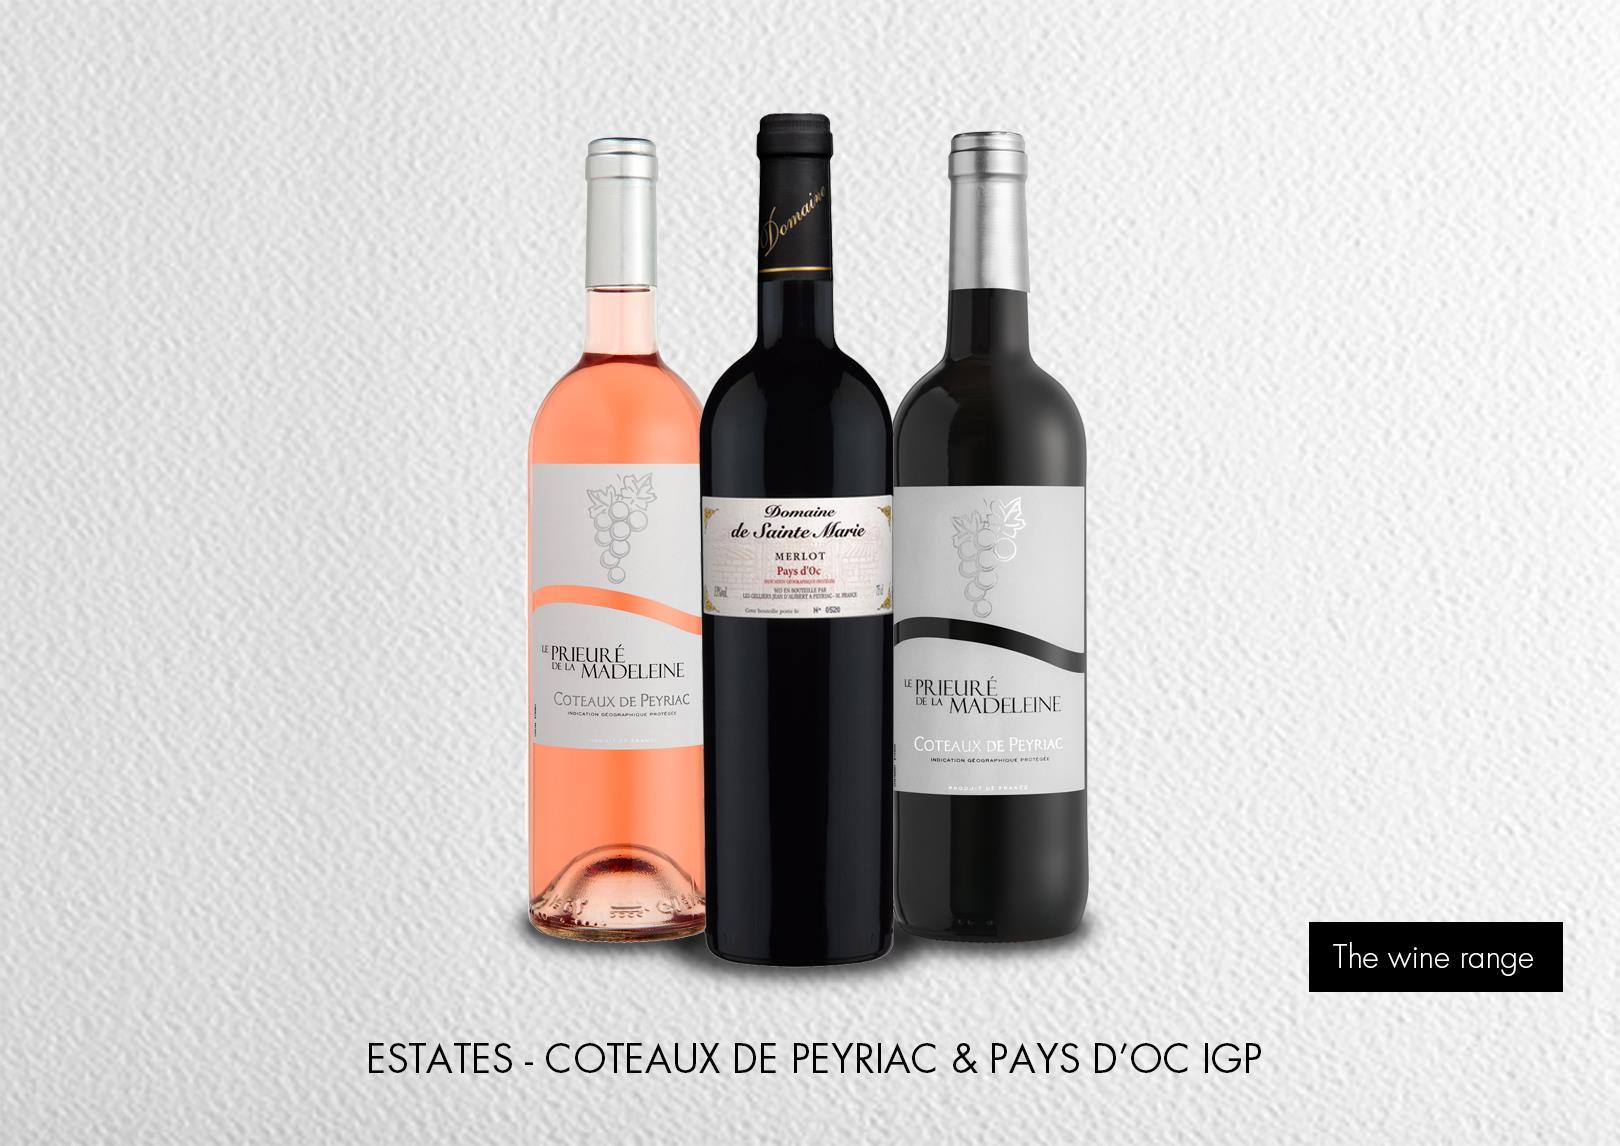 Estates - Coteaux de Peyriac & Pays d'Oc IGP : Range Estates & Châteaux